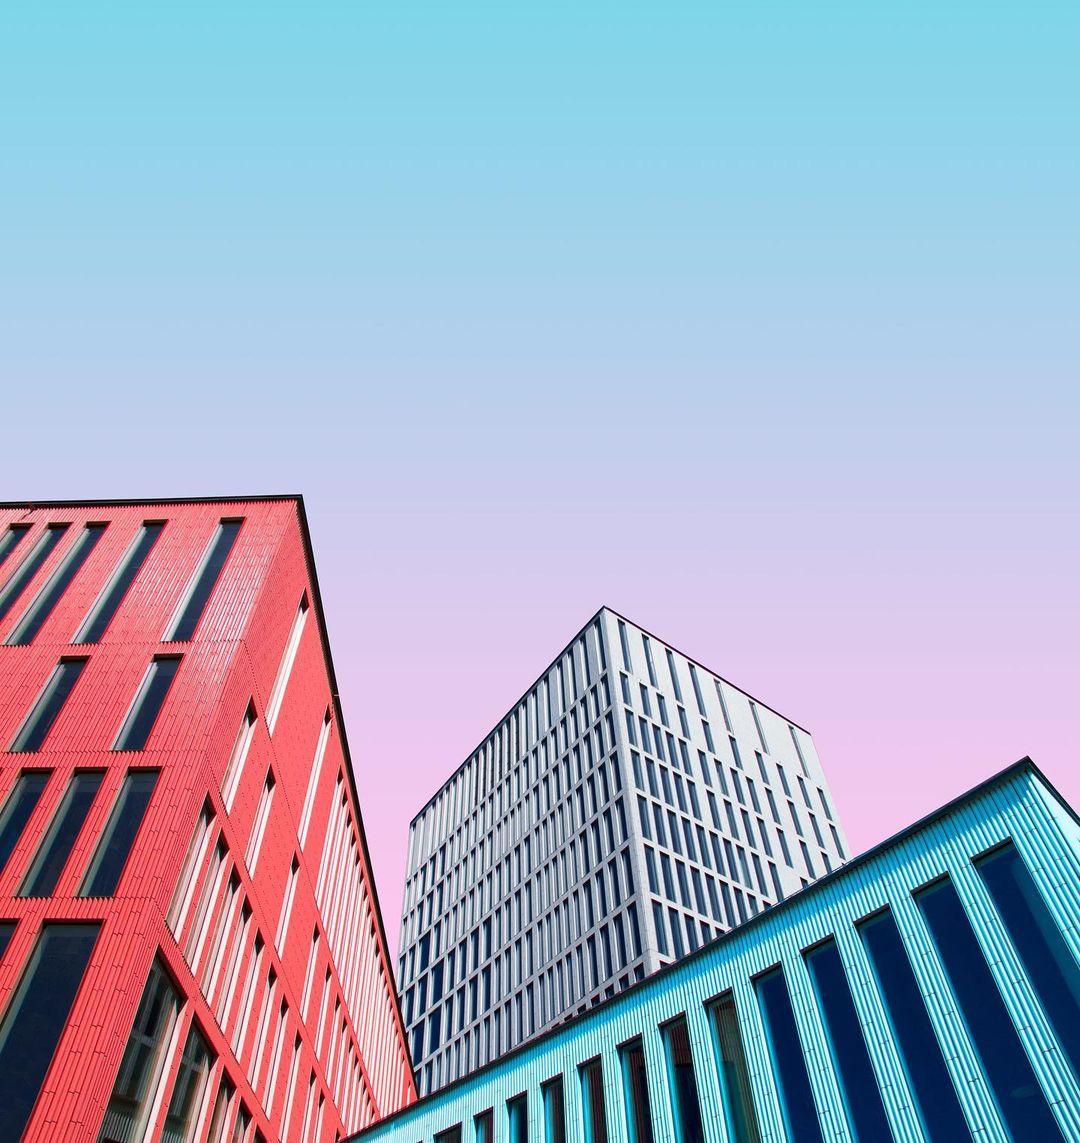 минимализм в фотографиях Симоны Хатч